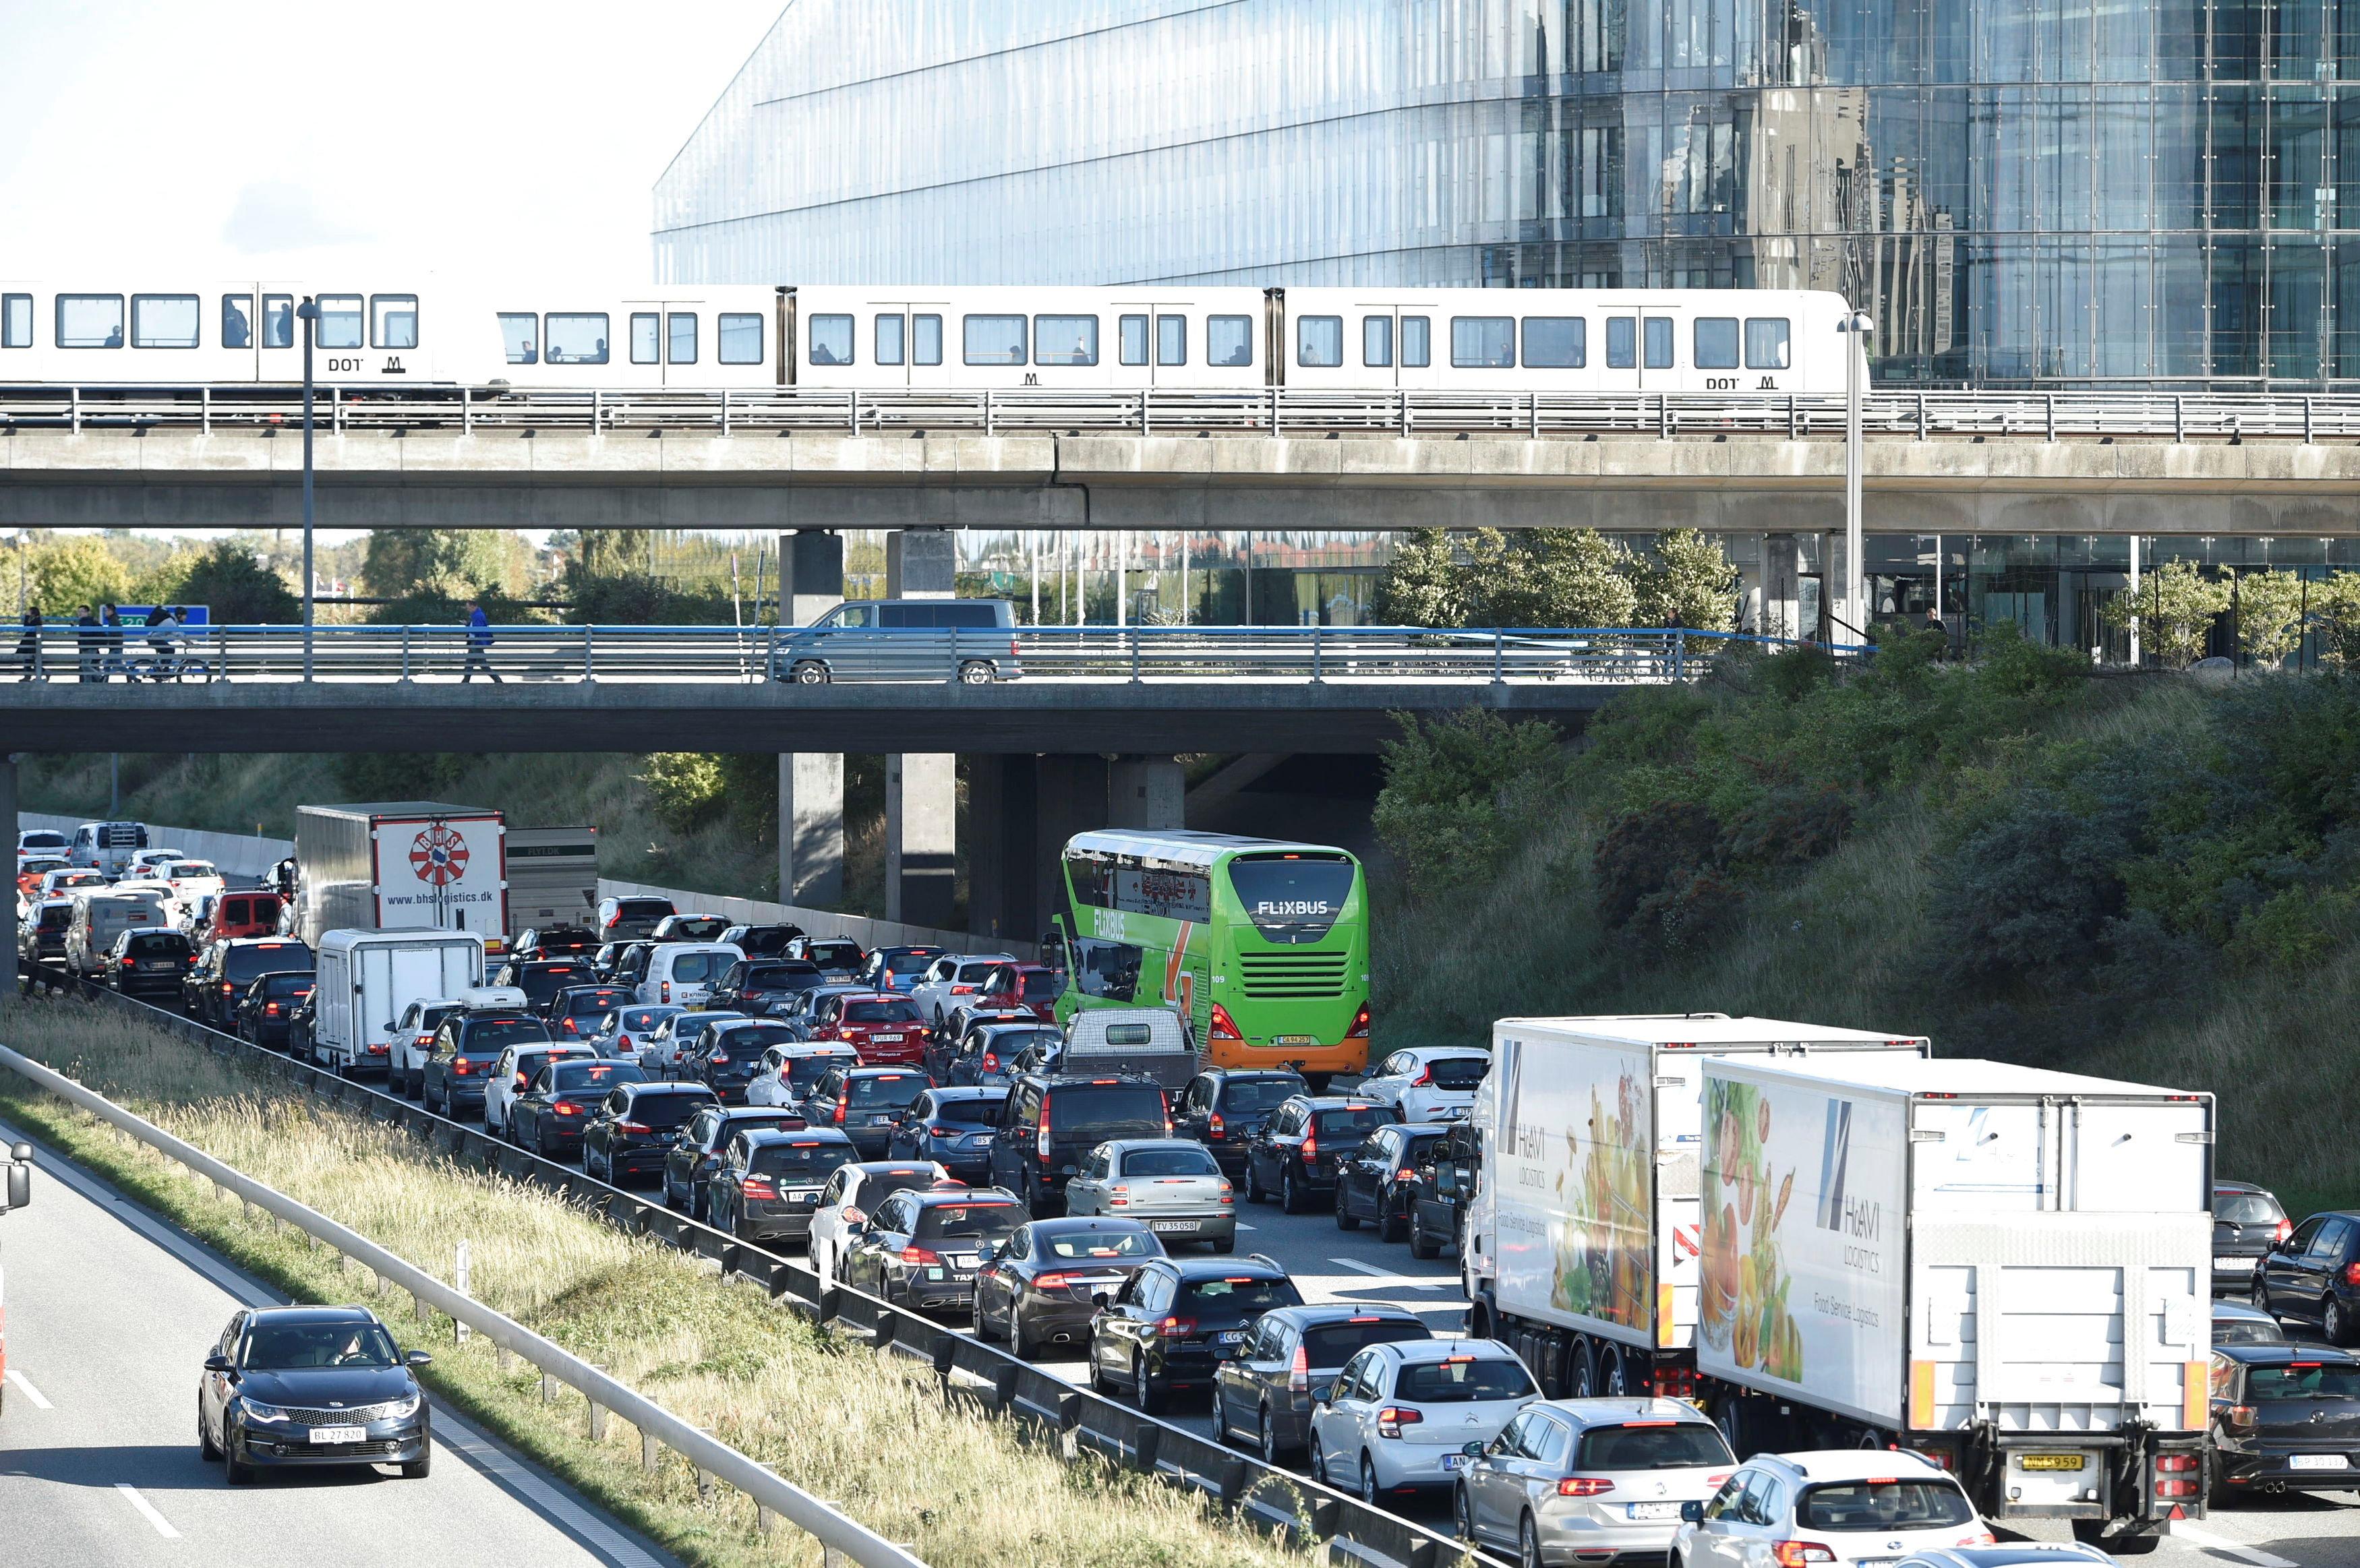 Η Δανία «έκλεισε» δύο γέφυρες και τα πορθμεία που τη συνδέουν με Γερμανία και Σουηδία. Επιχείρηση με τη συμμετοχή του